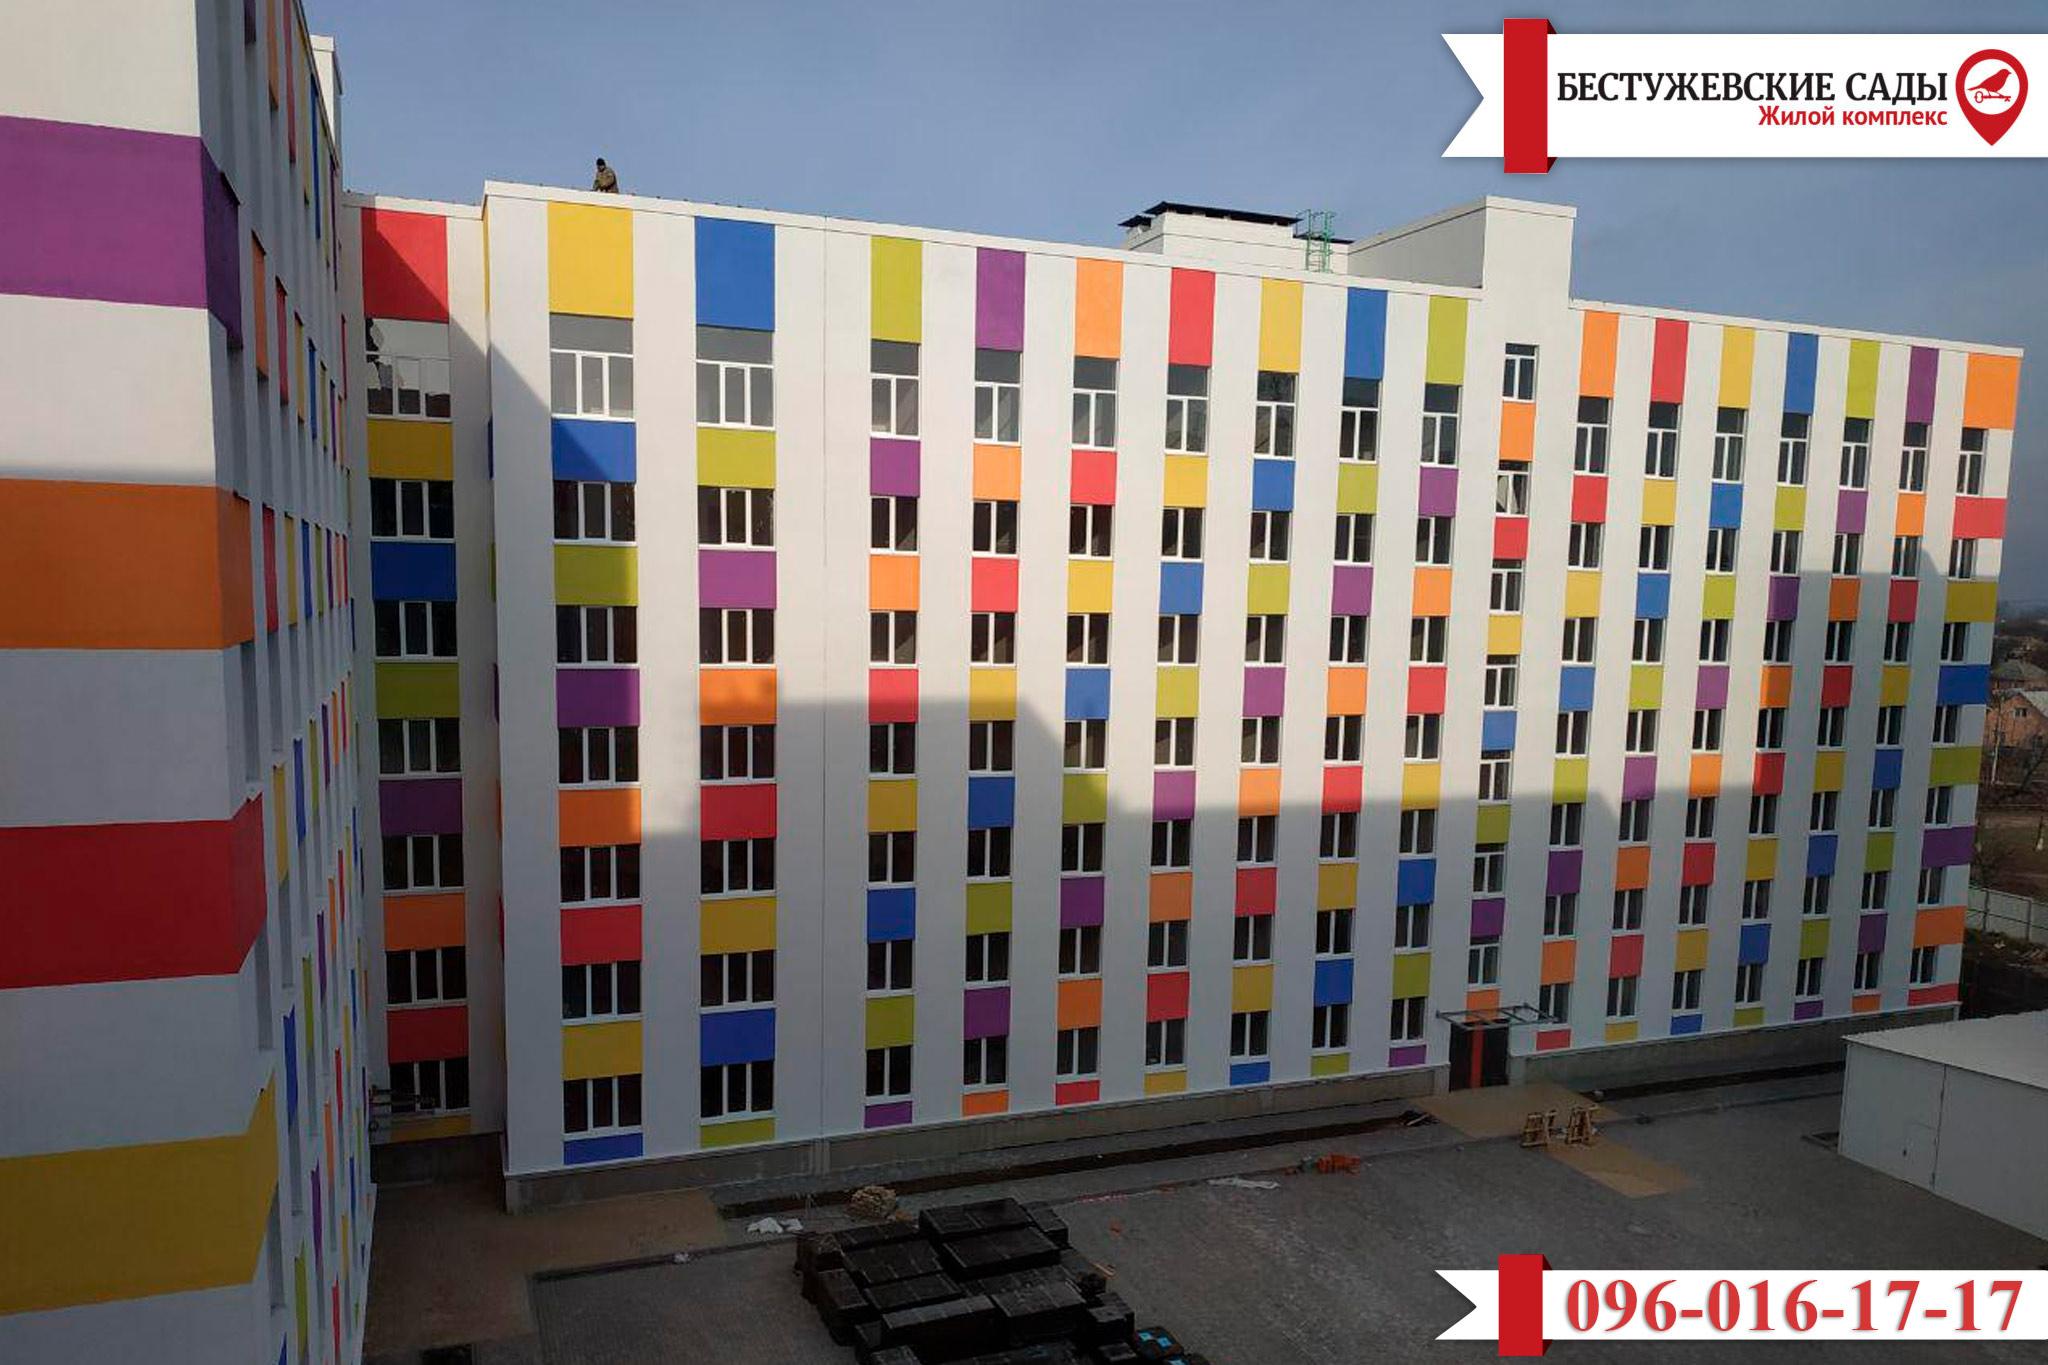 Строительный прогресс на объекте ЖК «Бестужевские сады»